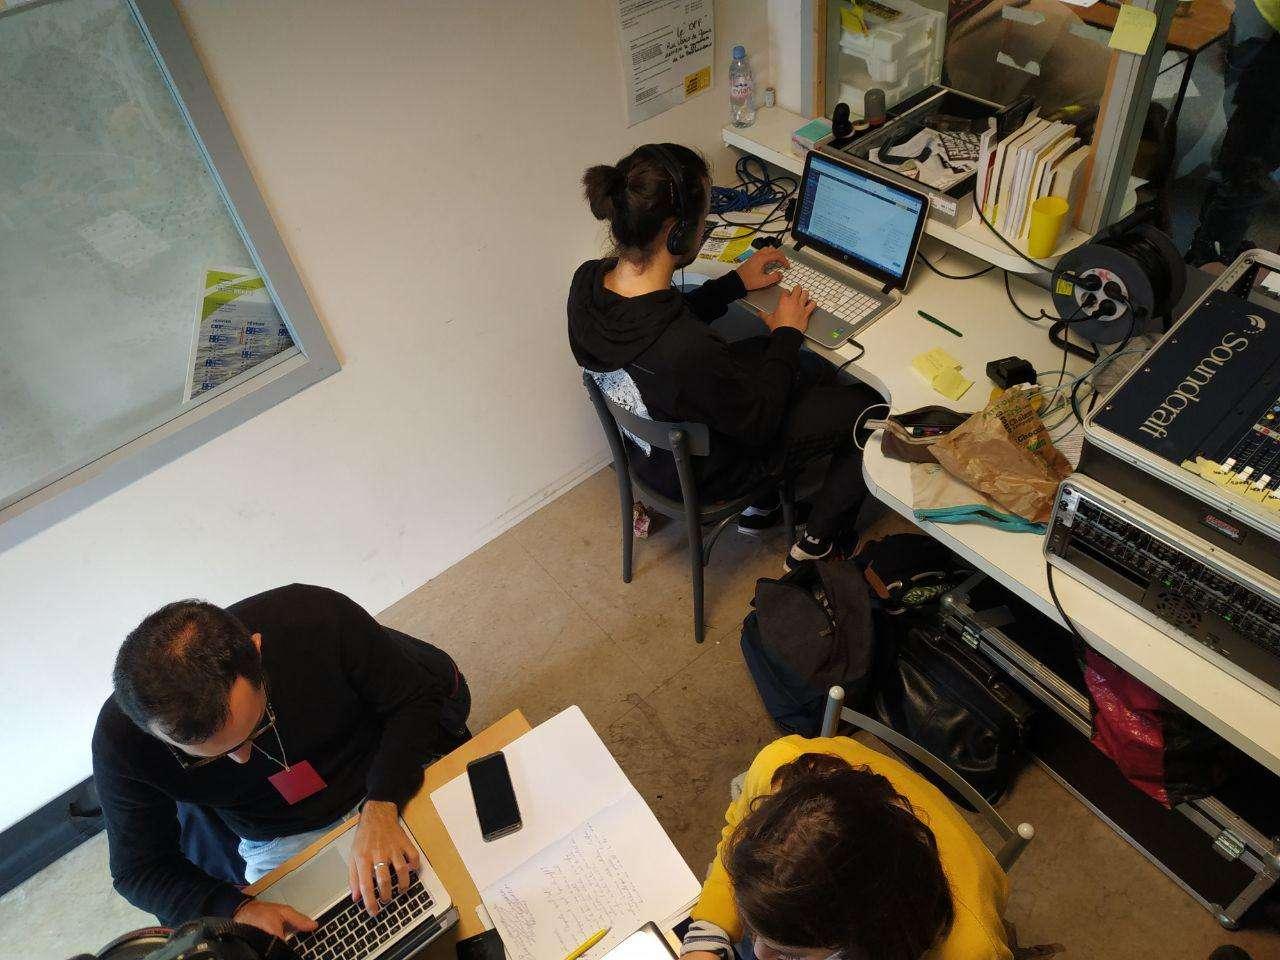 Radio Parleur à Saint Nazaire prépare son émission du jour